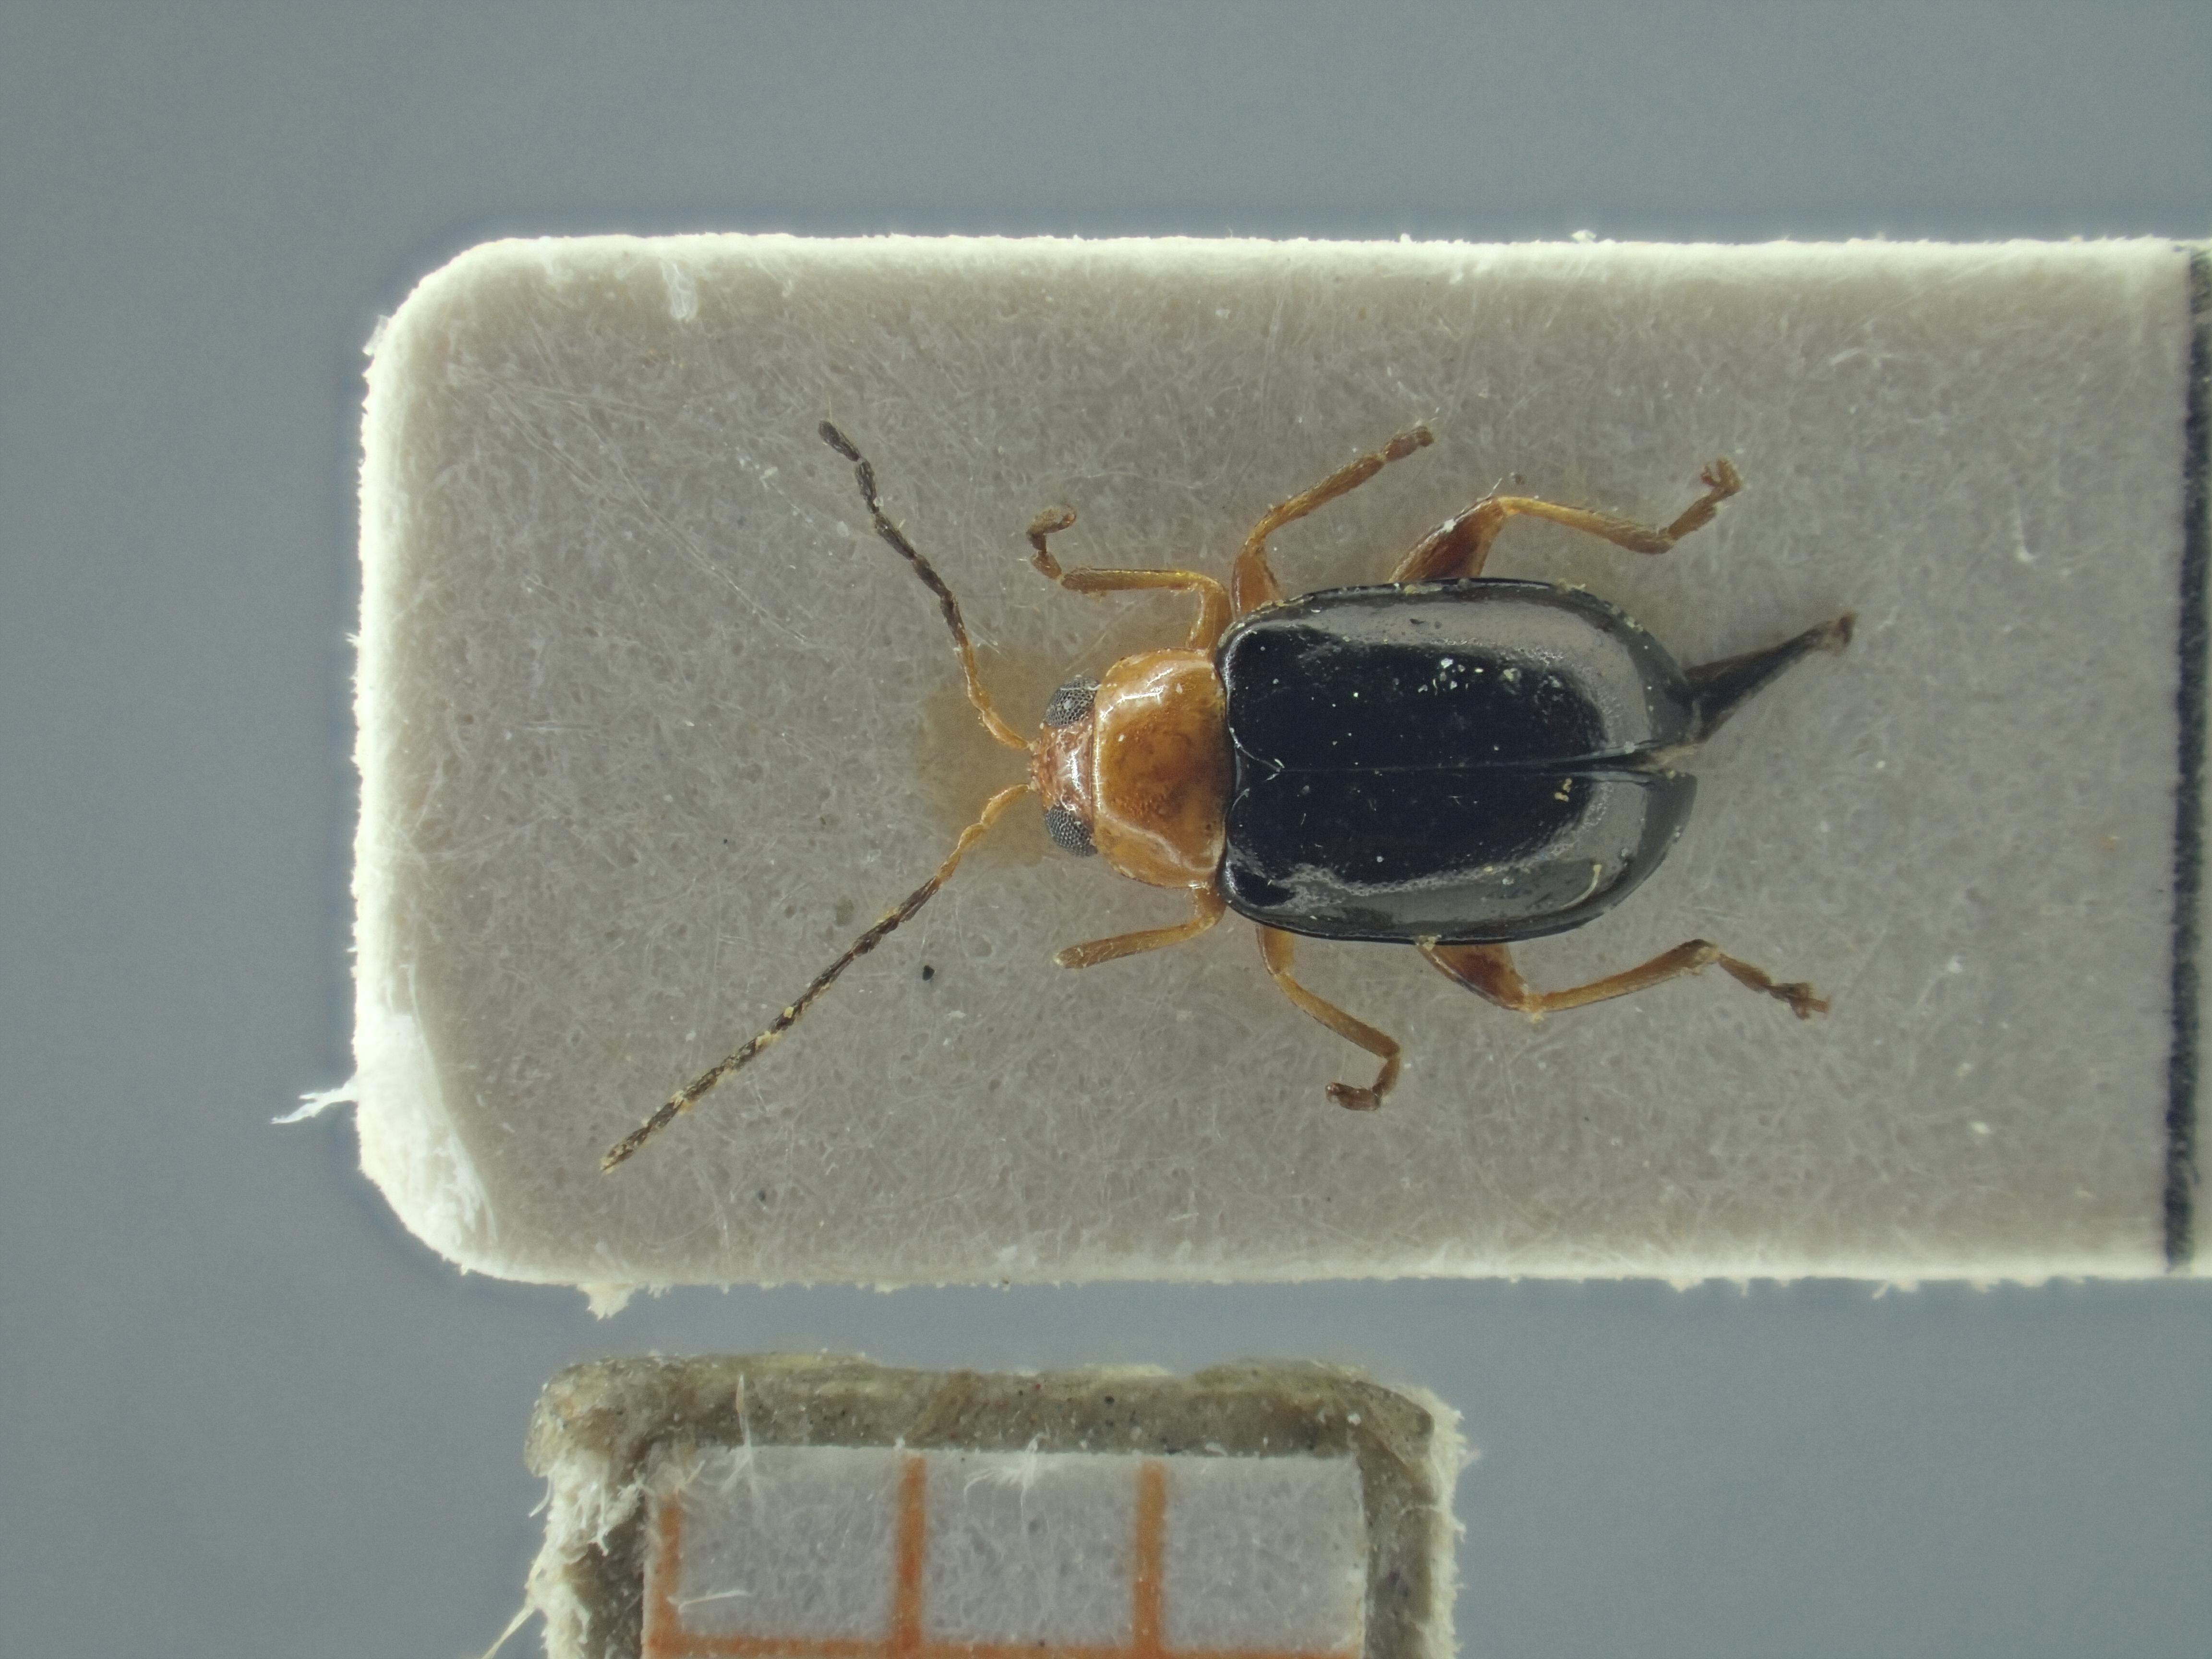 BE-RBINS-ENT Ayalaia salvadorensis K39_D01_086 Dorsal.jpg